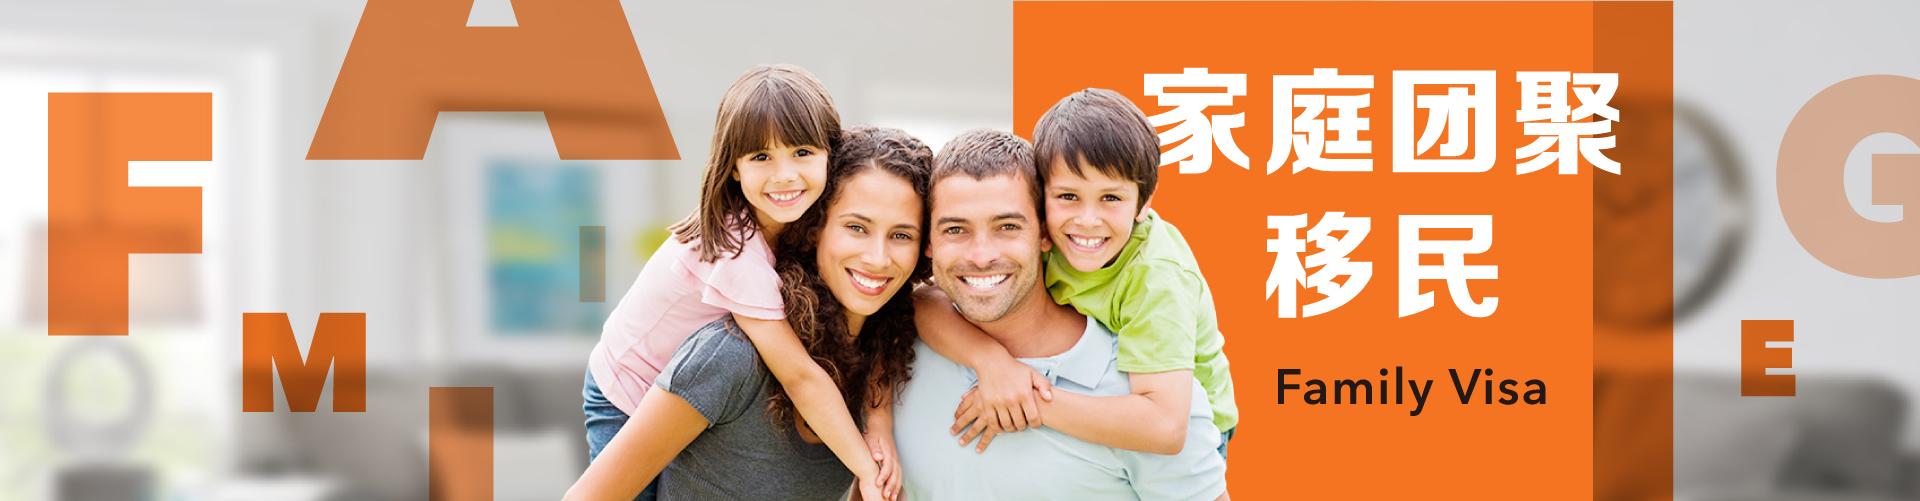 家庭团聚移民顶部专栏横幅